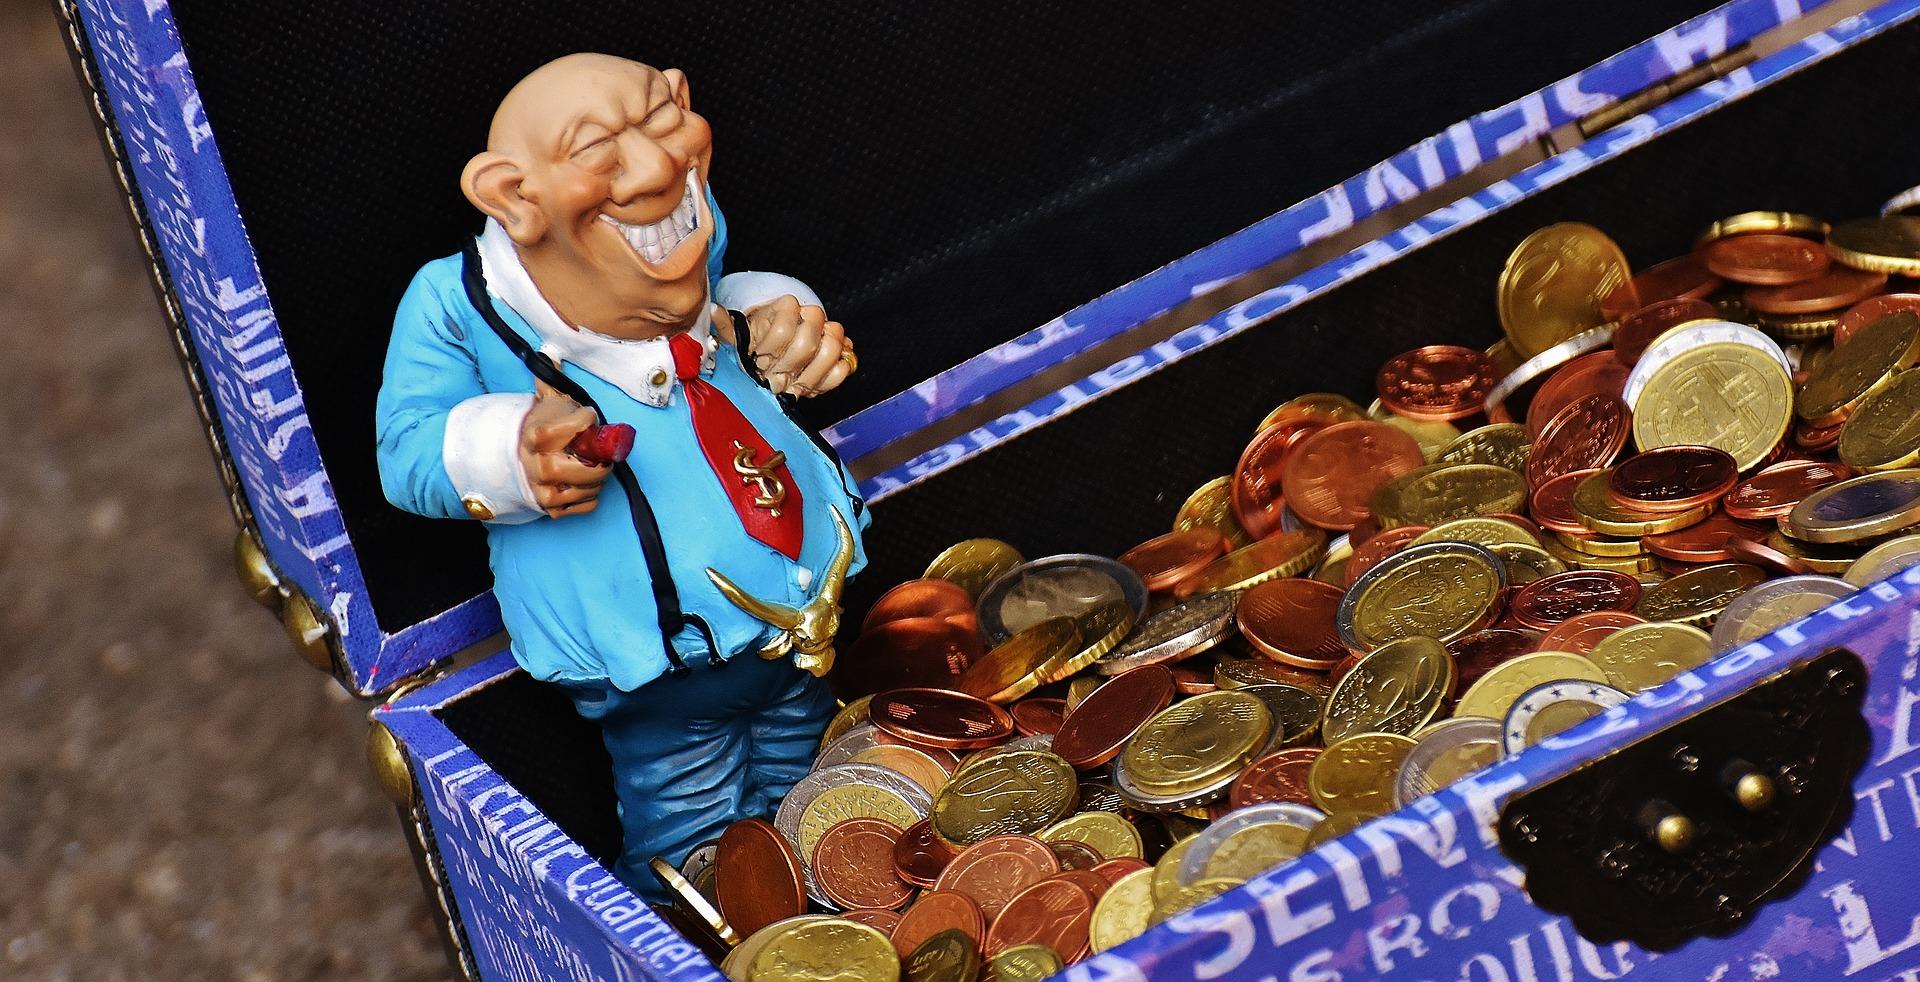 El Dios del dinero: un concepto real que amerita revisión